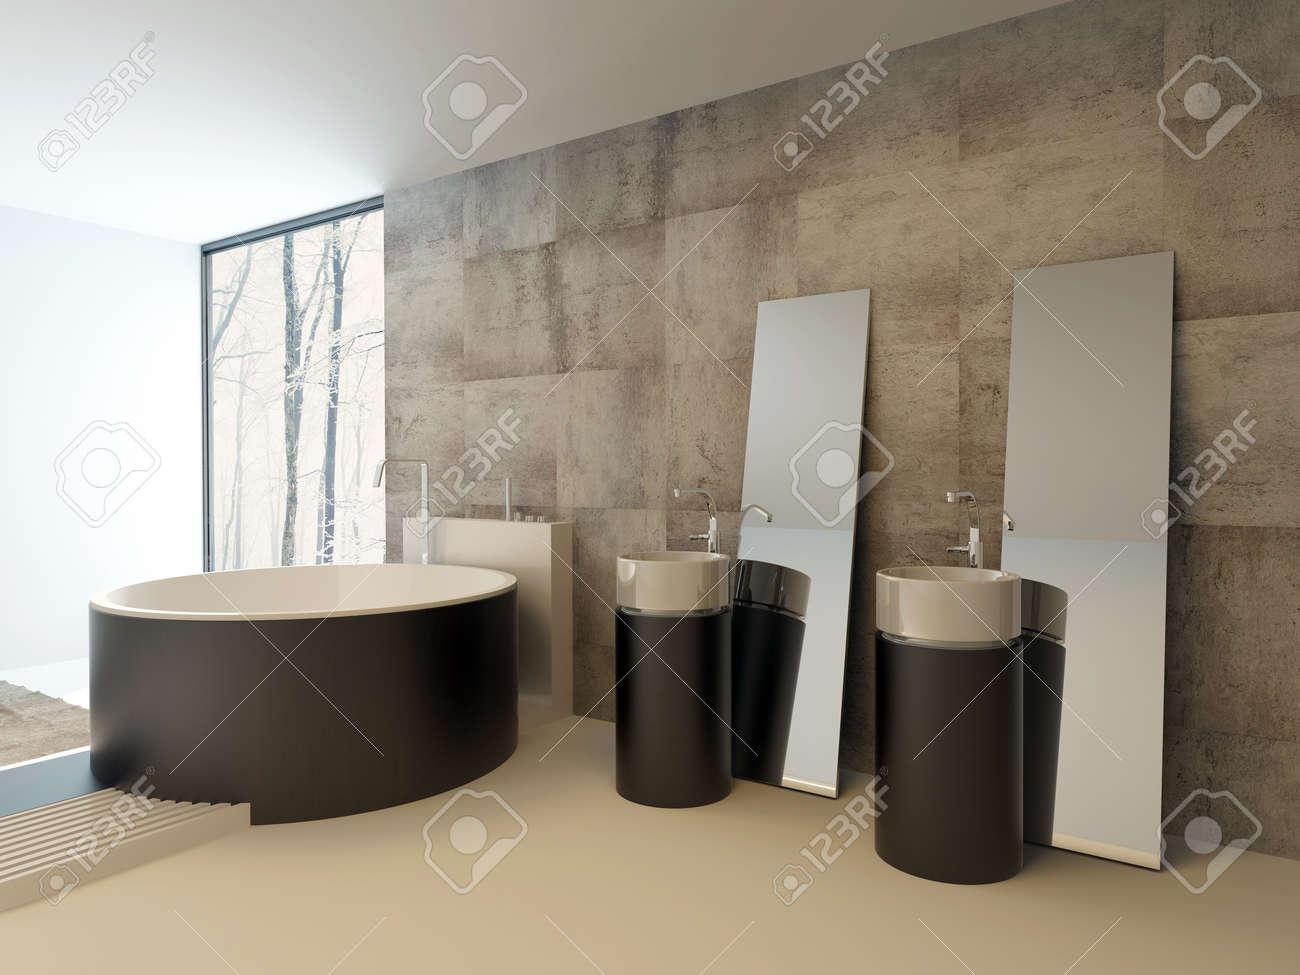 Intérieur de salle de bains moderne haut de gamme en brun et beige avec une  baignoire circulaire contemporain et vanités contre un mur en travertin ...